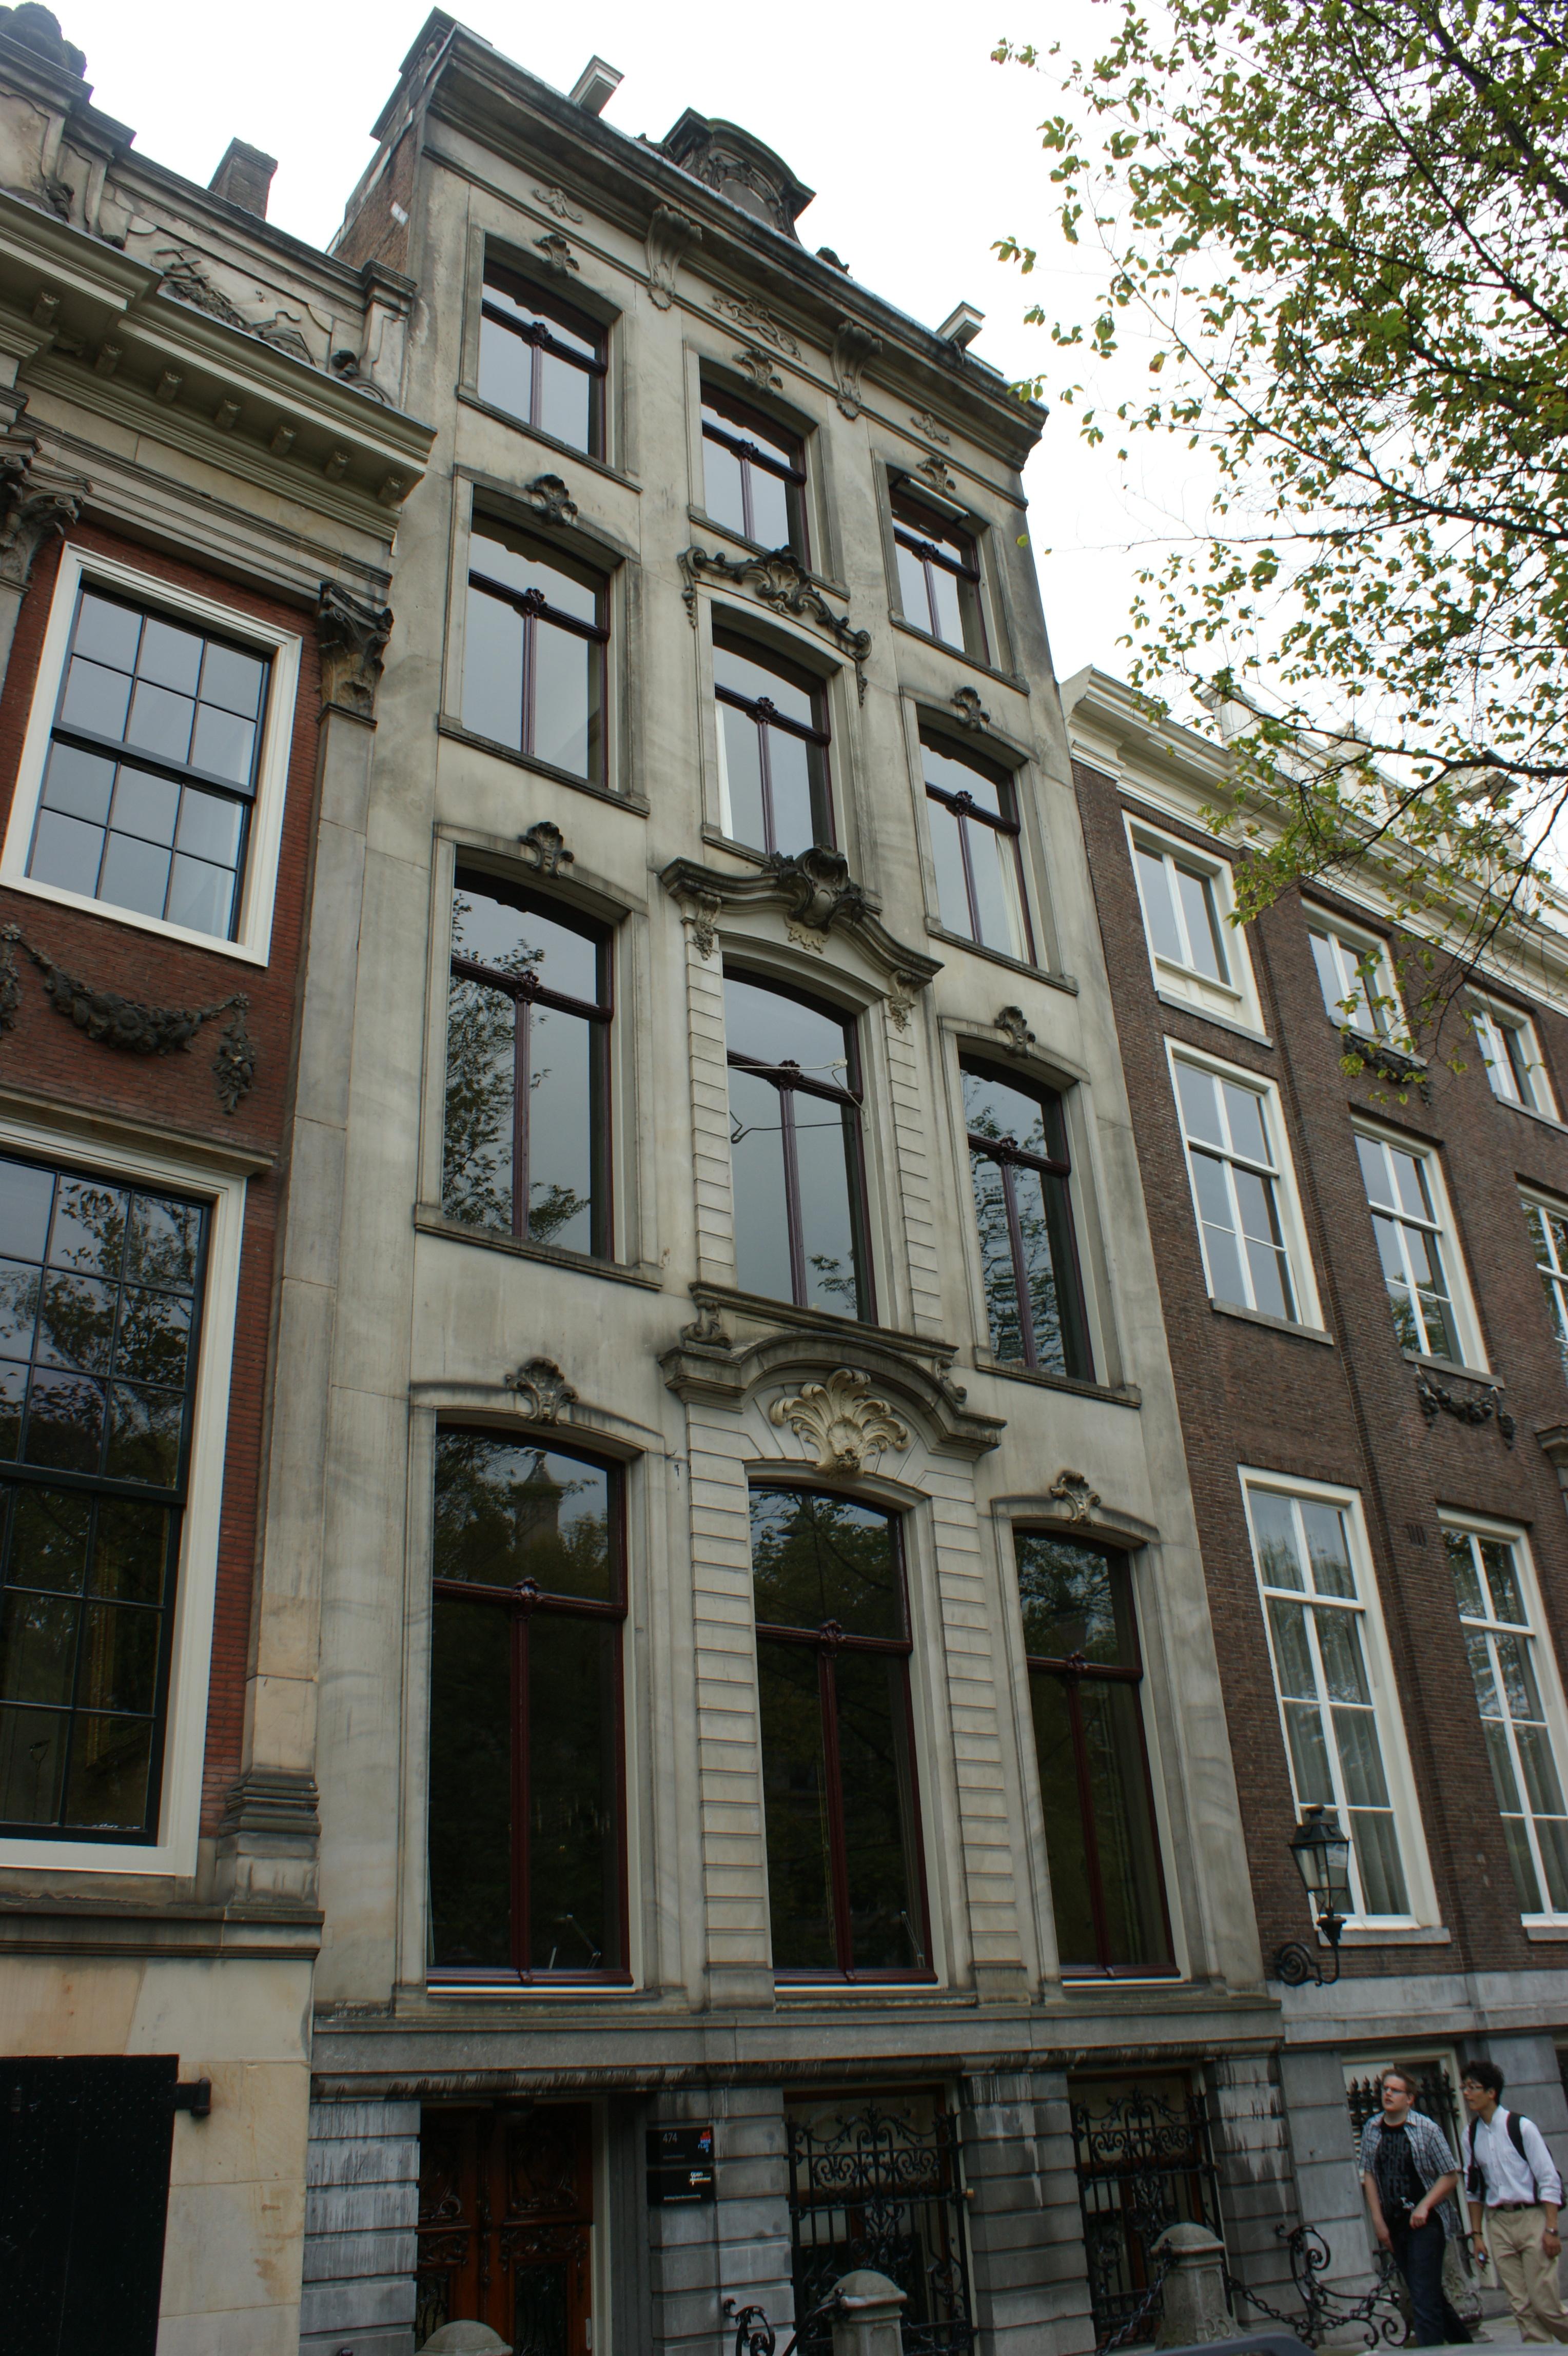 Huis met zandstenen gevel in amsterdam monument - Huis gevel ...